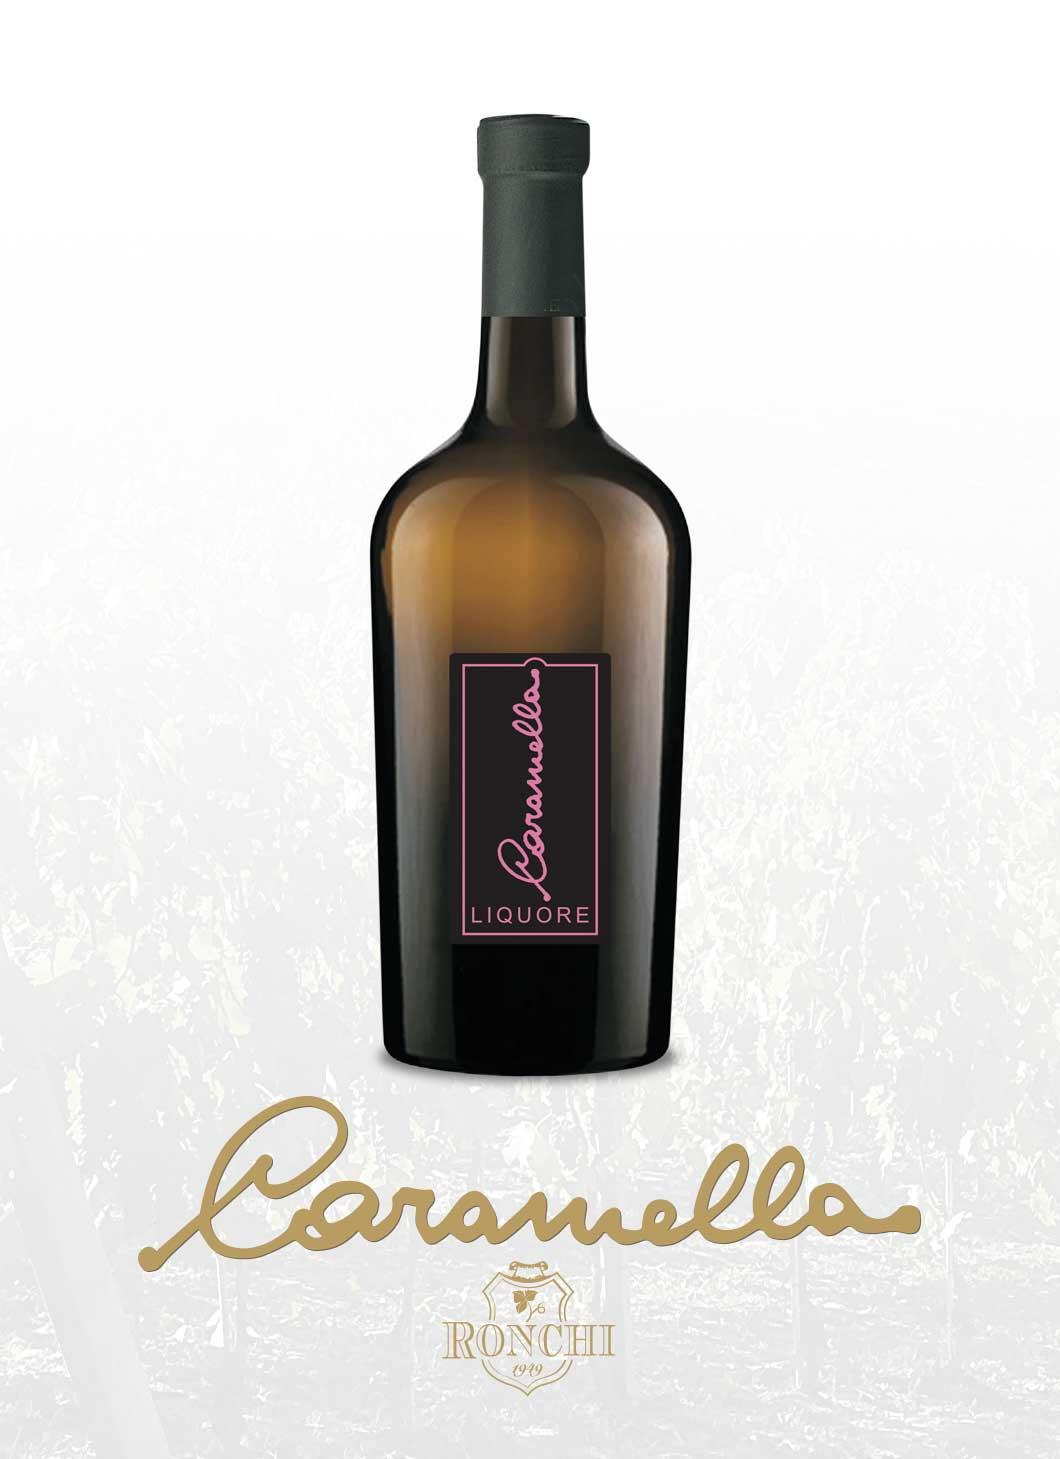 Caramella Liquore | Ronchi Vini 1949